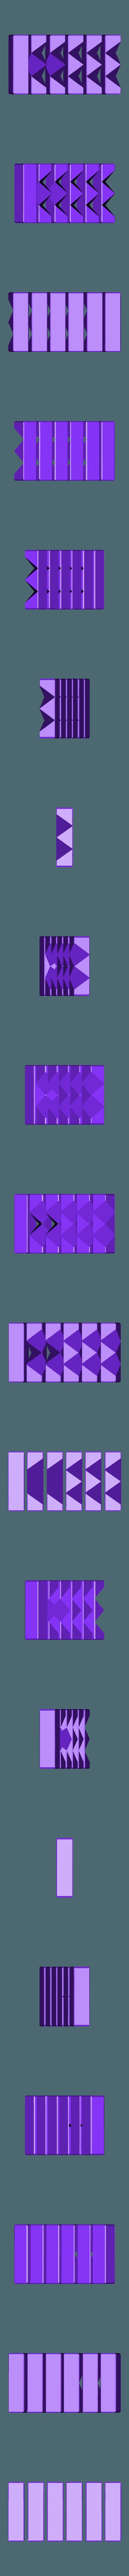 puzzle.stl Télécharger fichier STL gratuit Puzzle 6 pièces • Objet à imprimer en 3D, tylerebowers